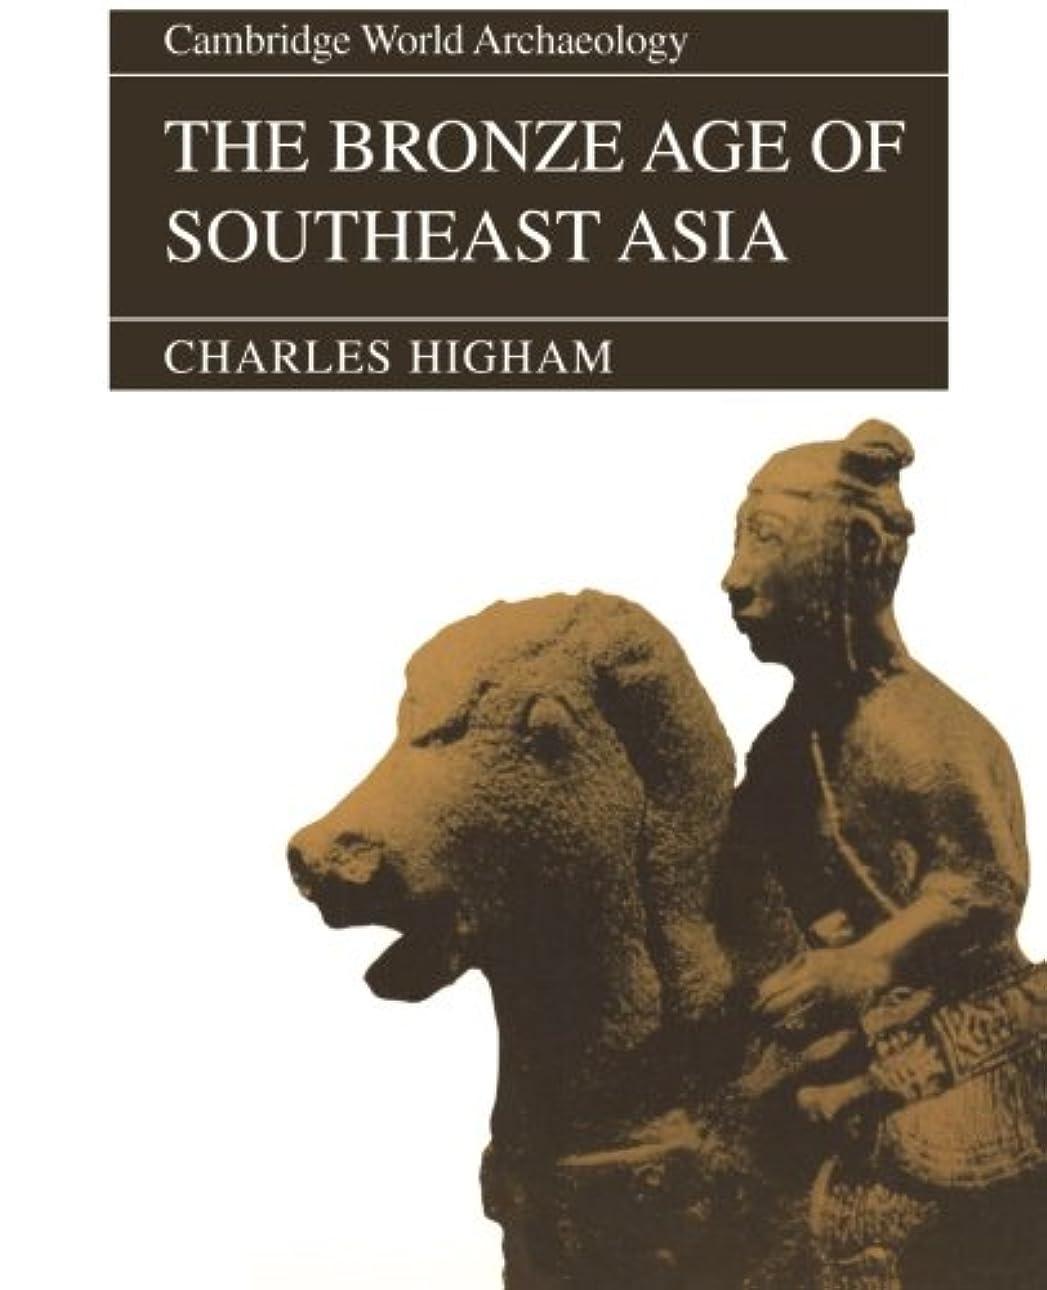 エンドテーブル帳面かけるThe Bronze Age of Southeast Asia (Cambridge World Archaeology)